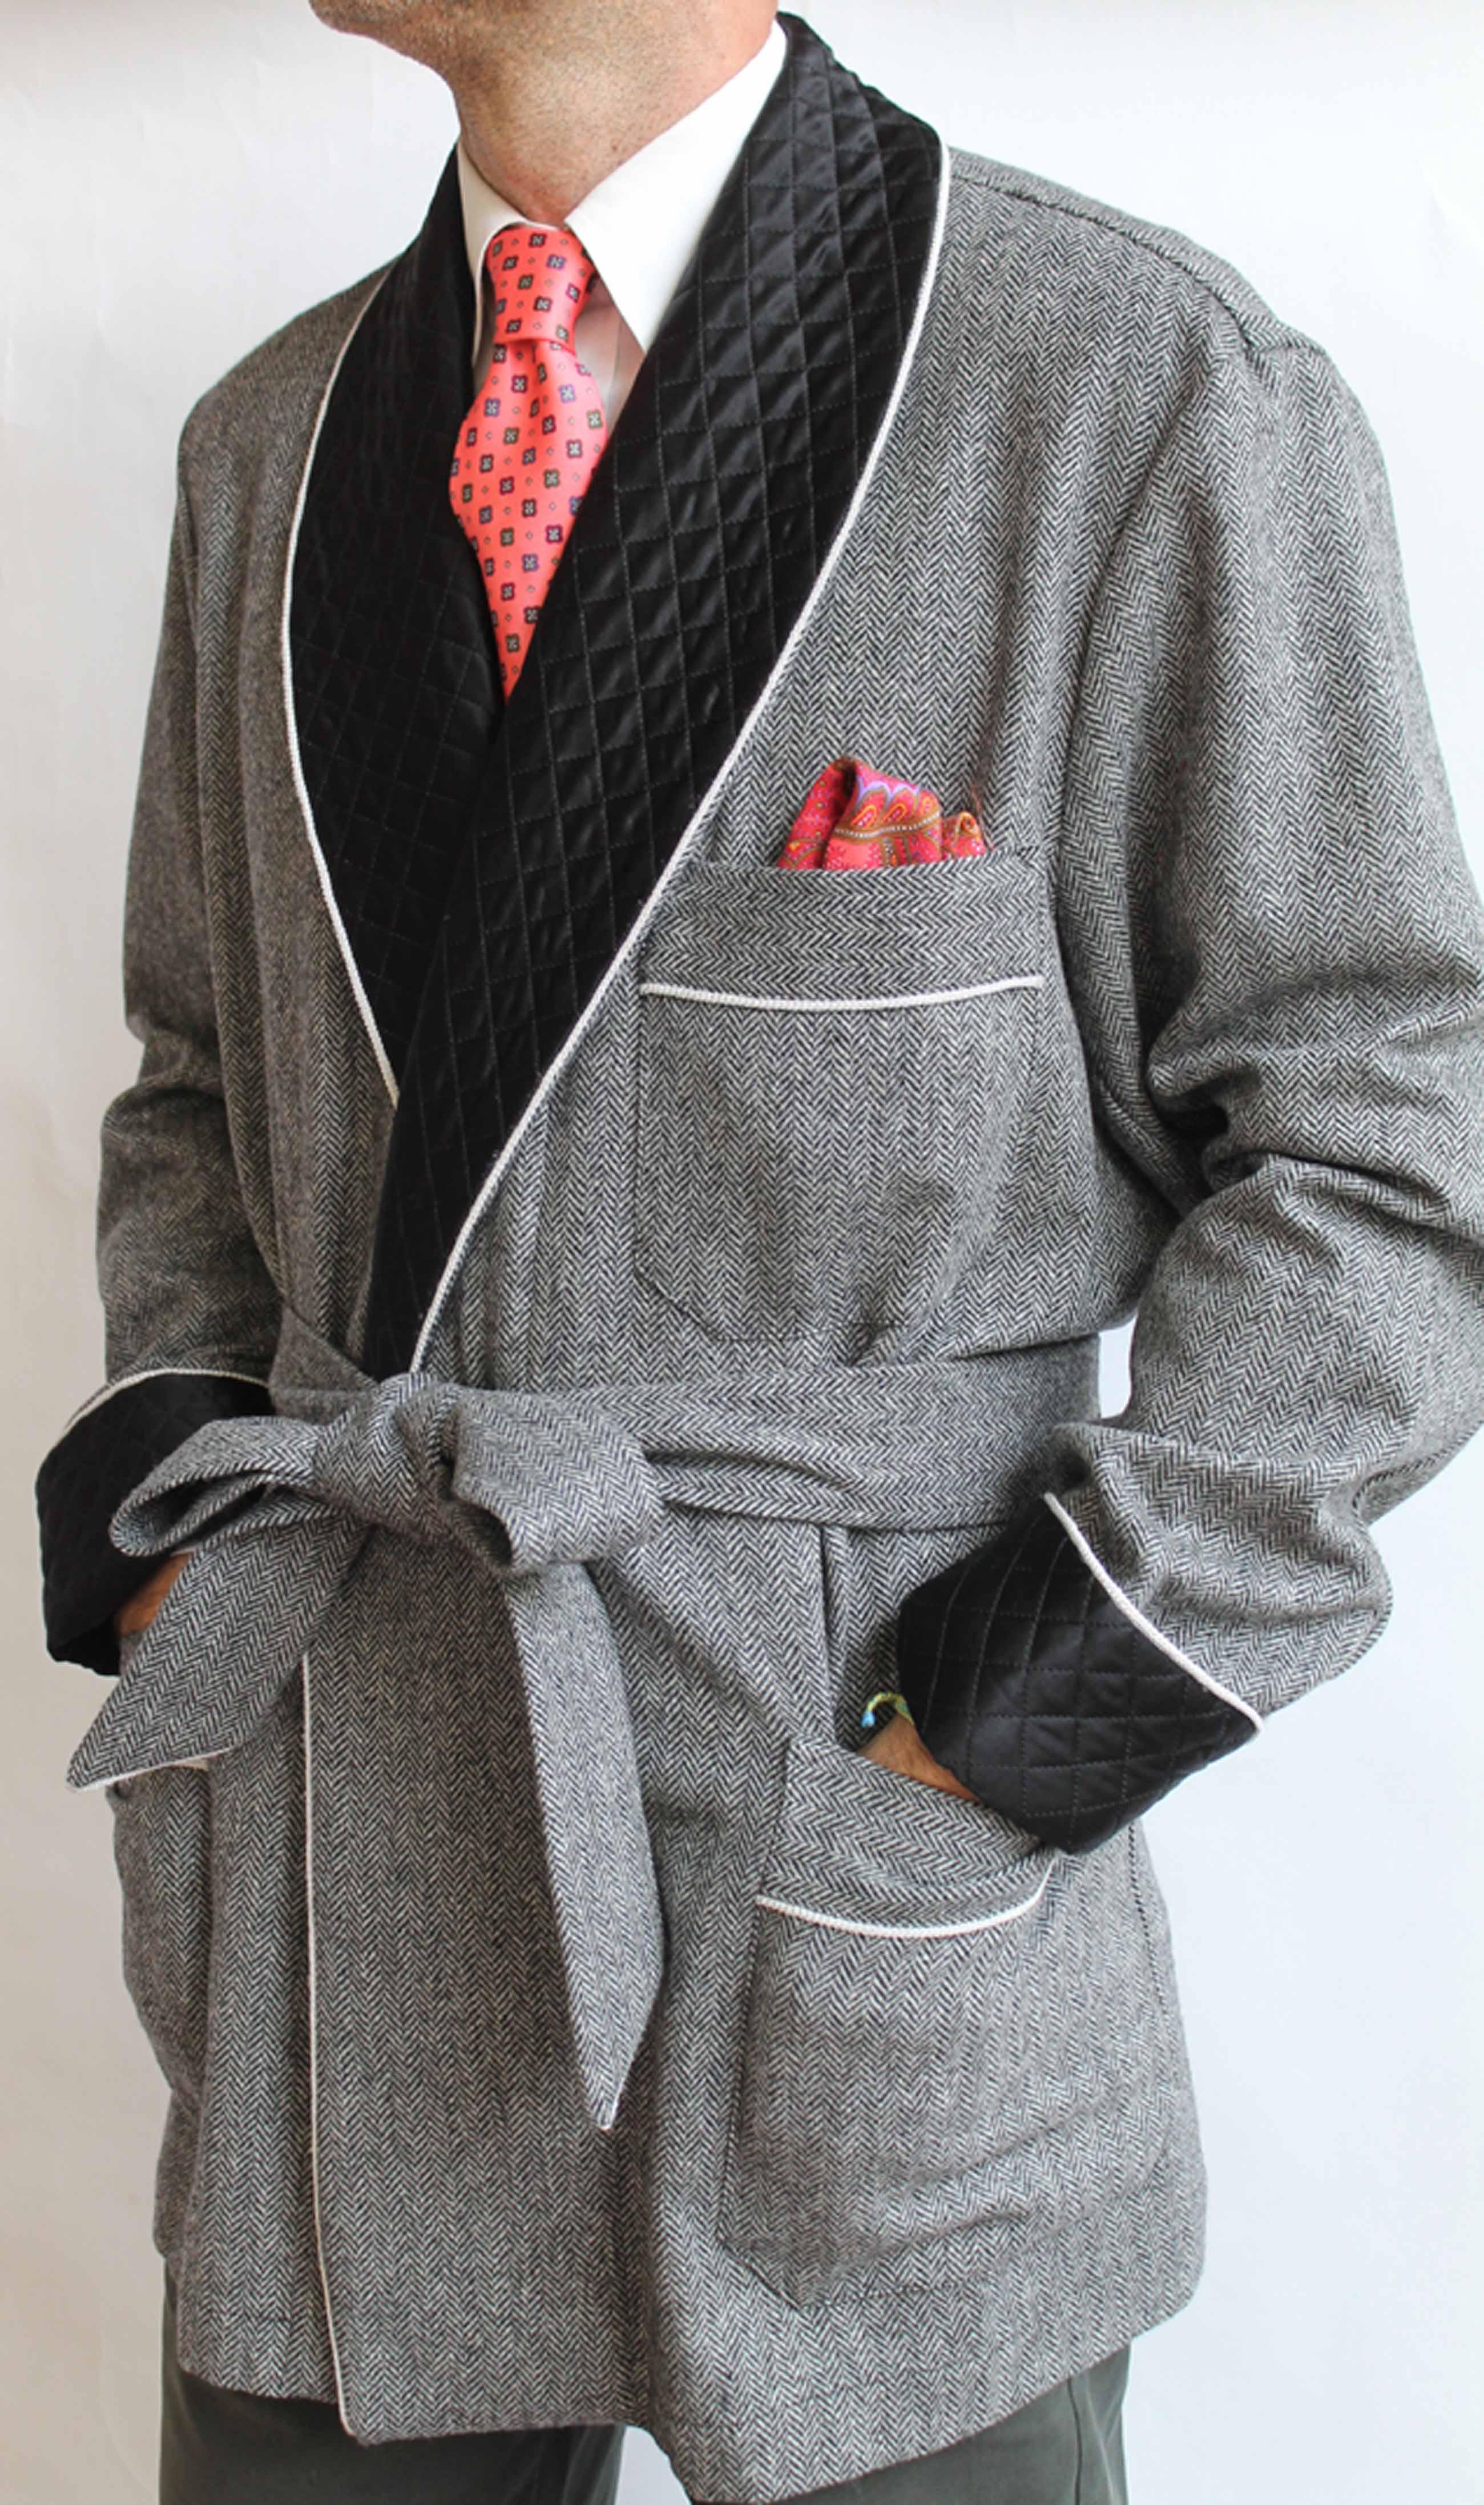 Veste d 39 int rieur pour homme en laine shetland avec - Veste interieur homme ...